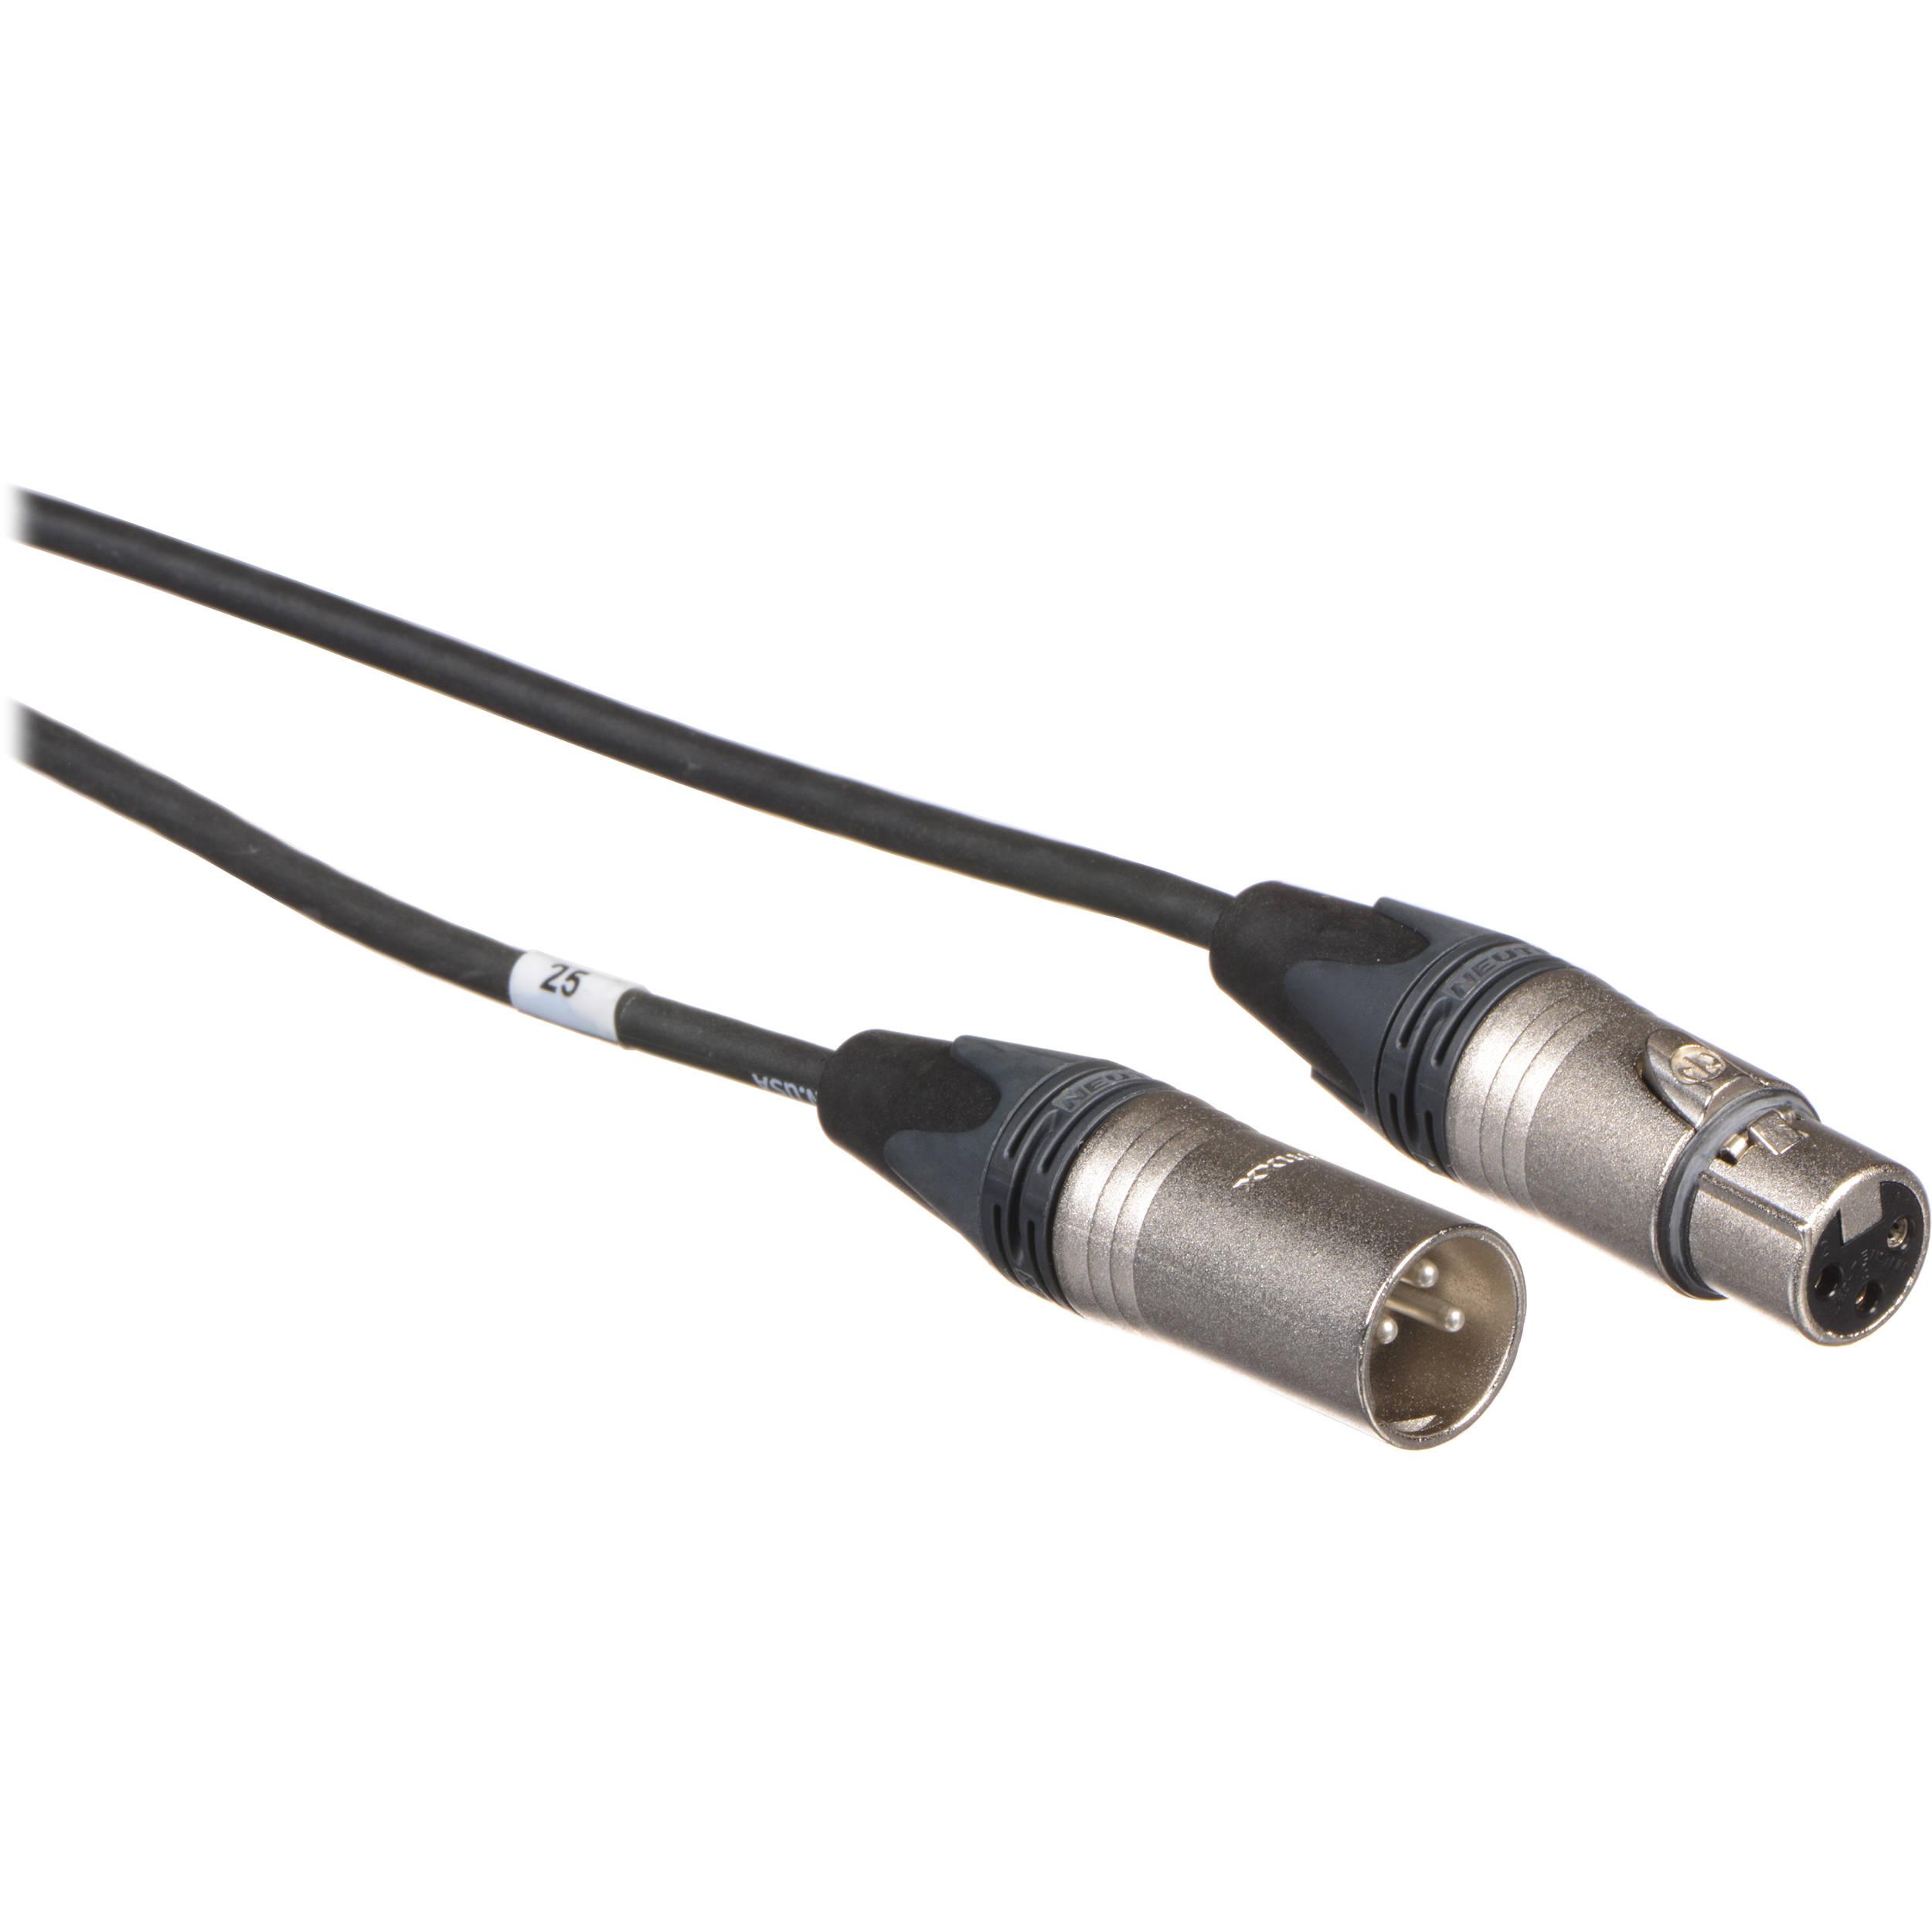 mic cable three pin